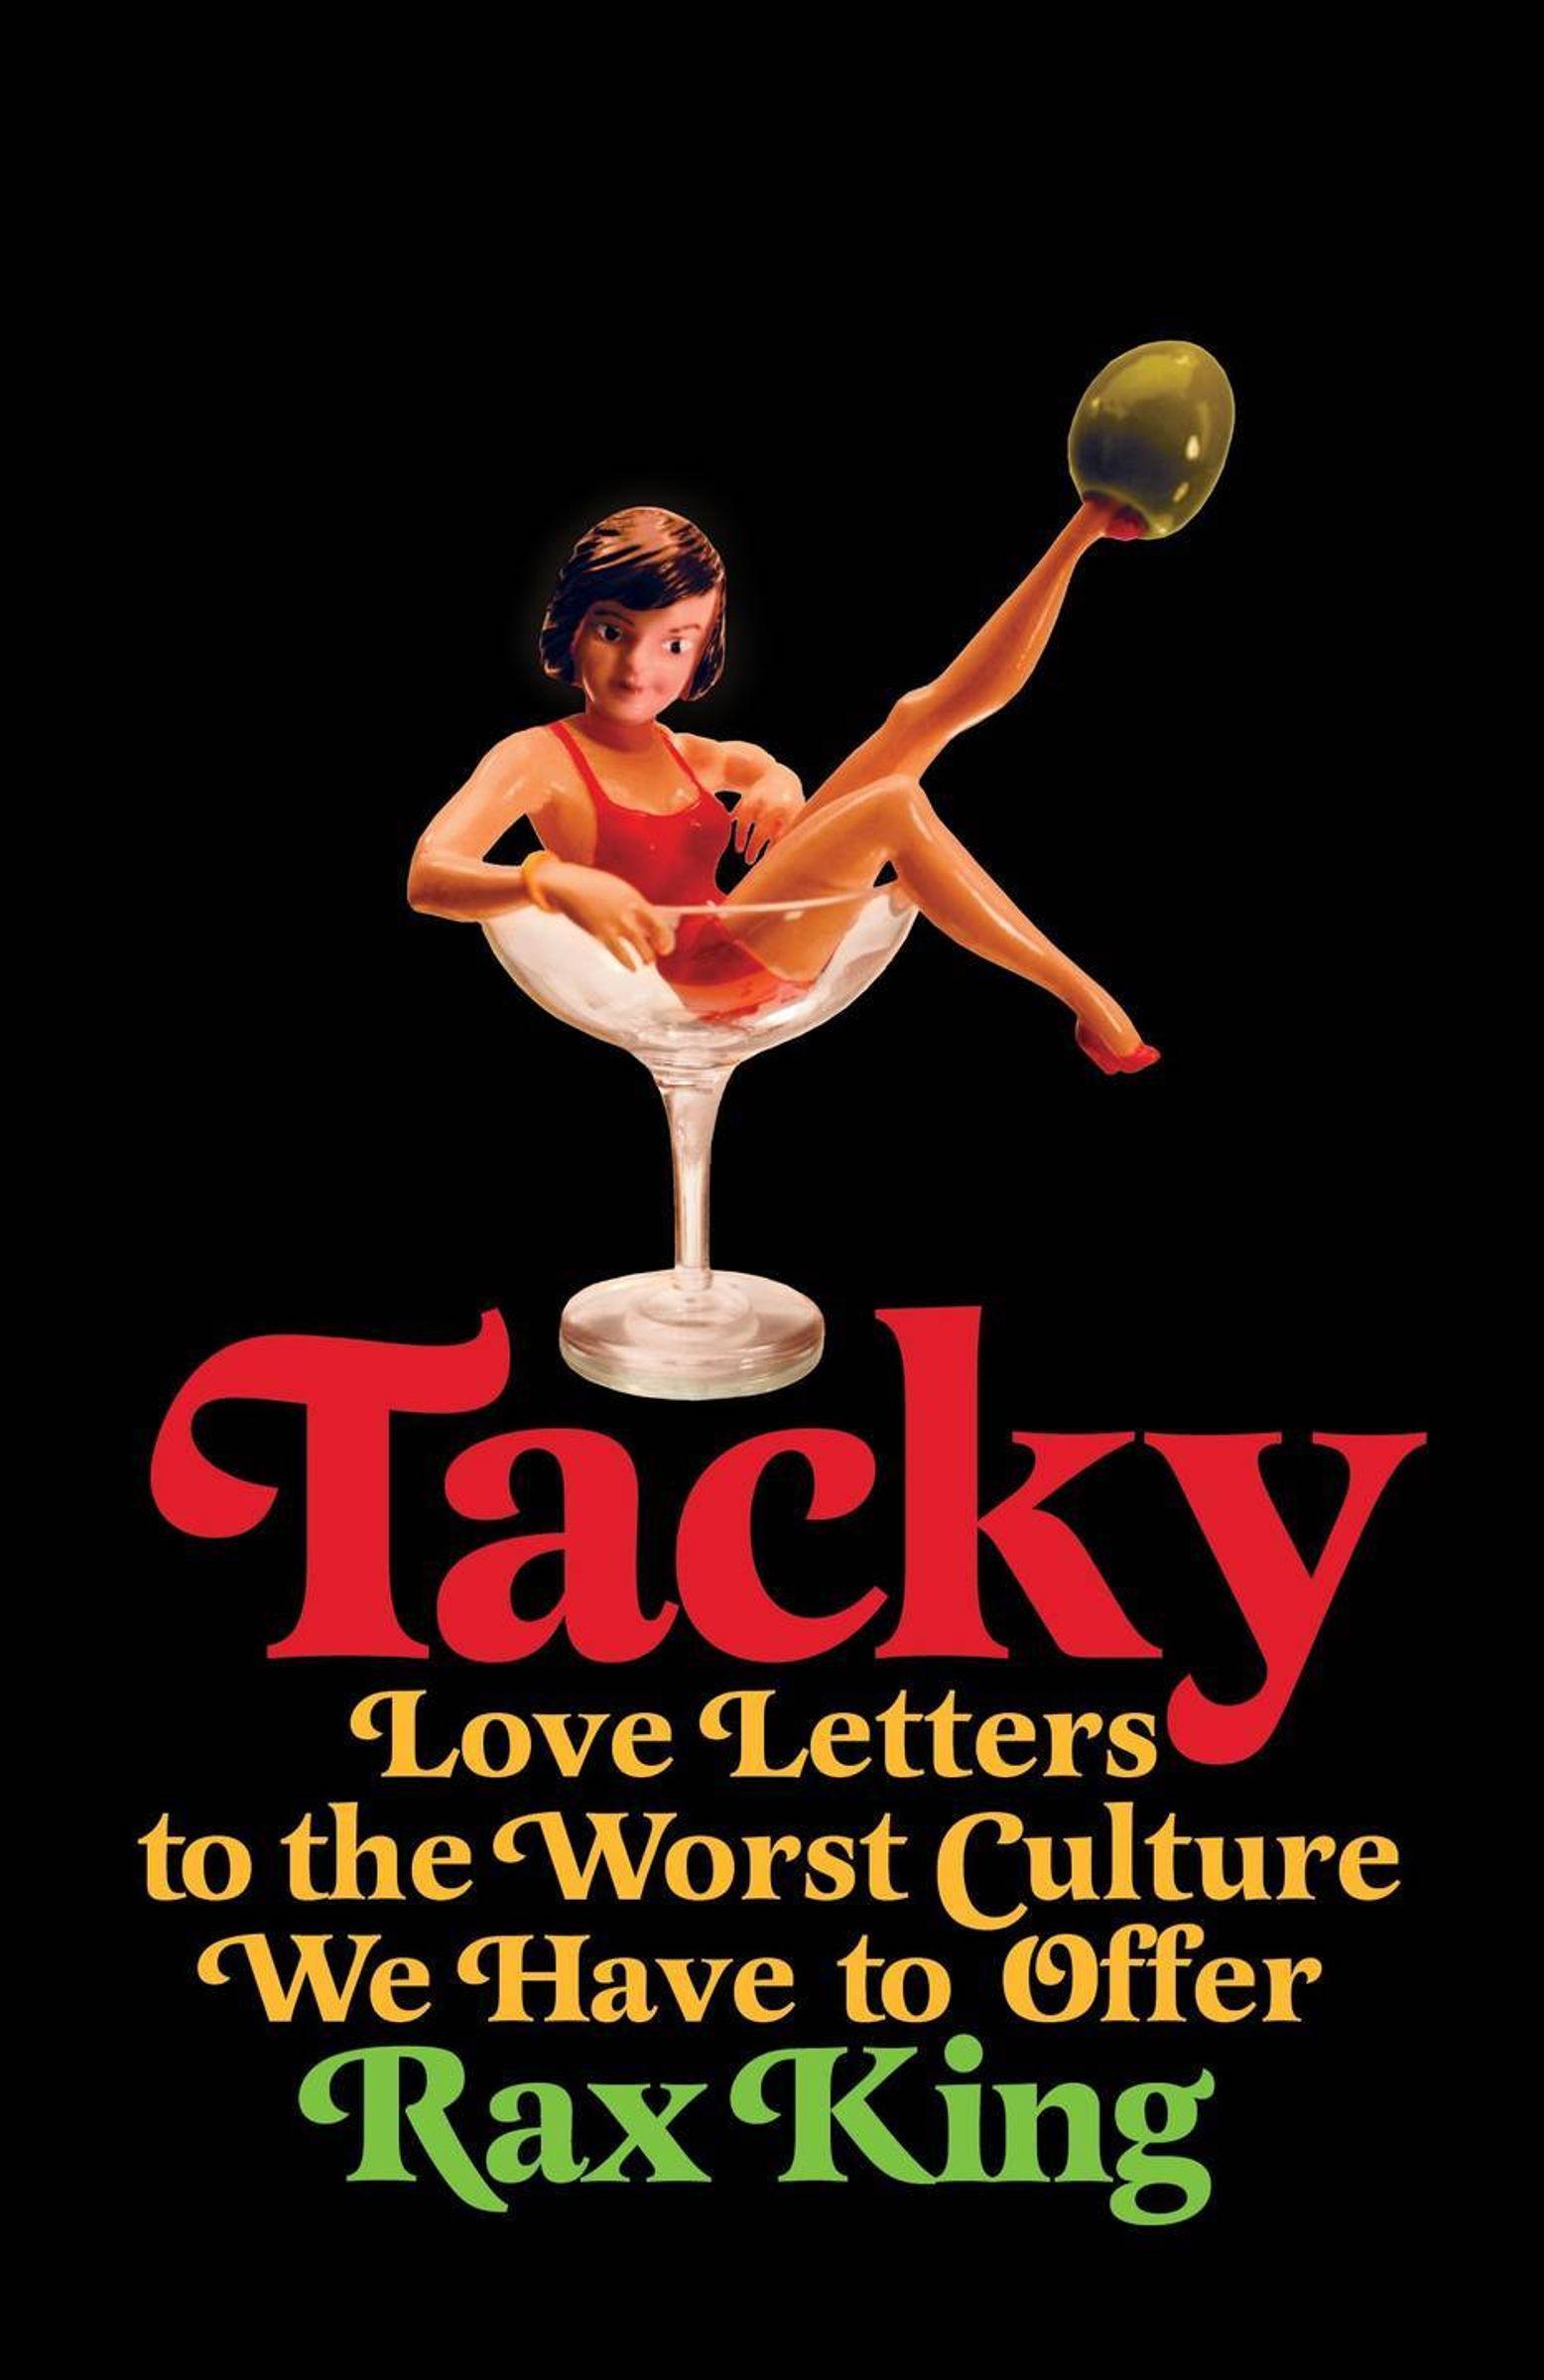 tacky by Rax King.